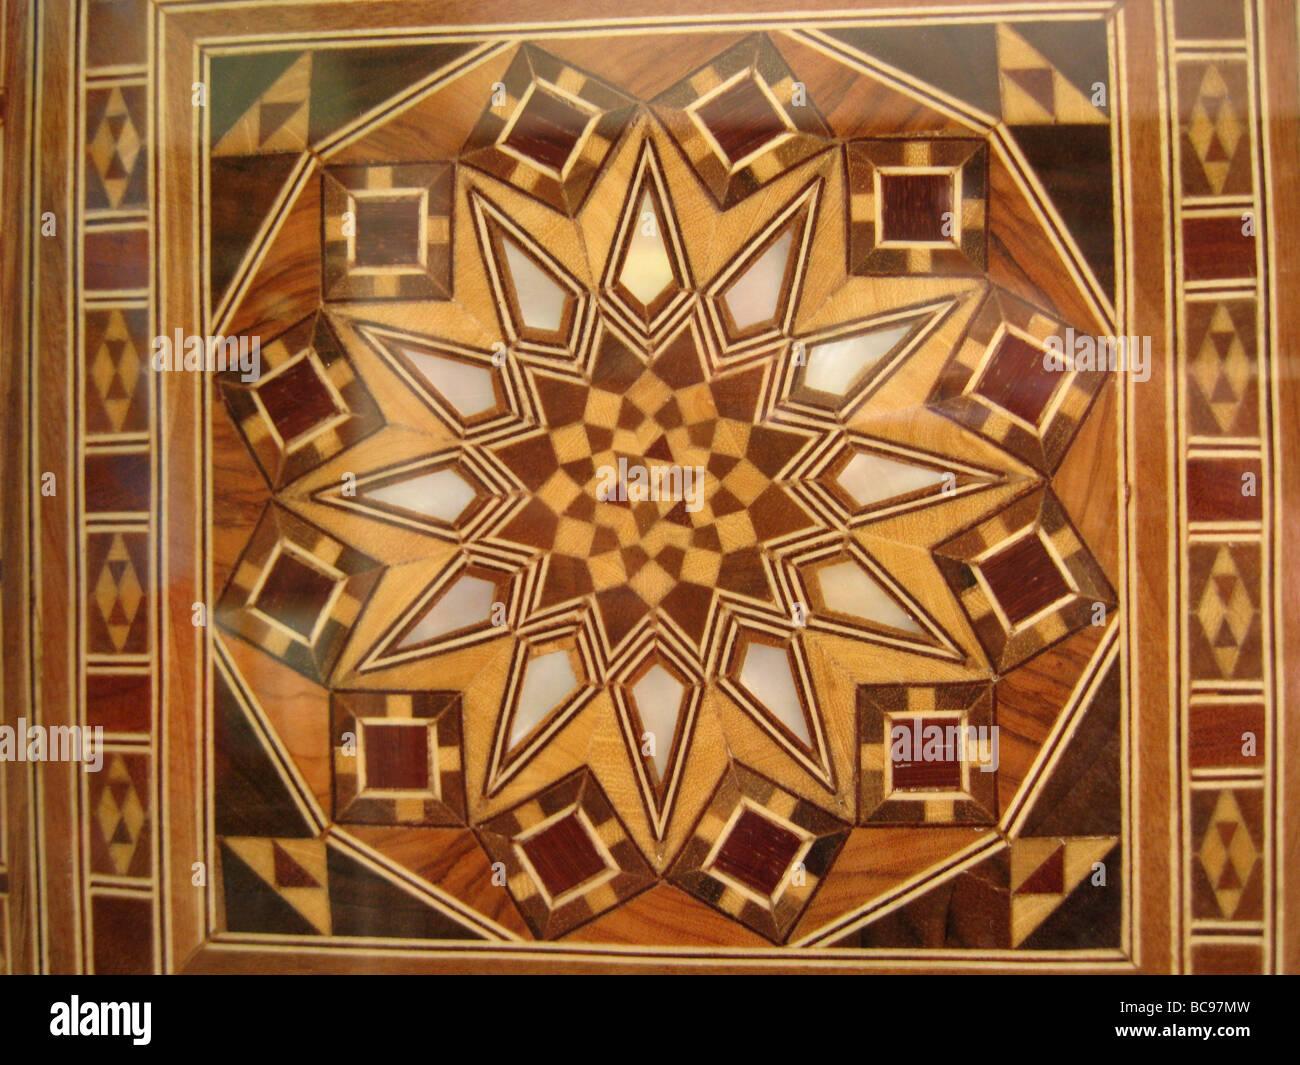 tampo de mosaico de madeira com base em desenhos em um dos mouros a